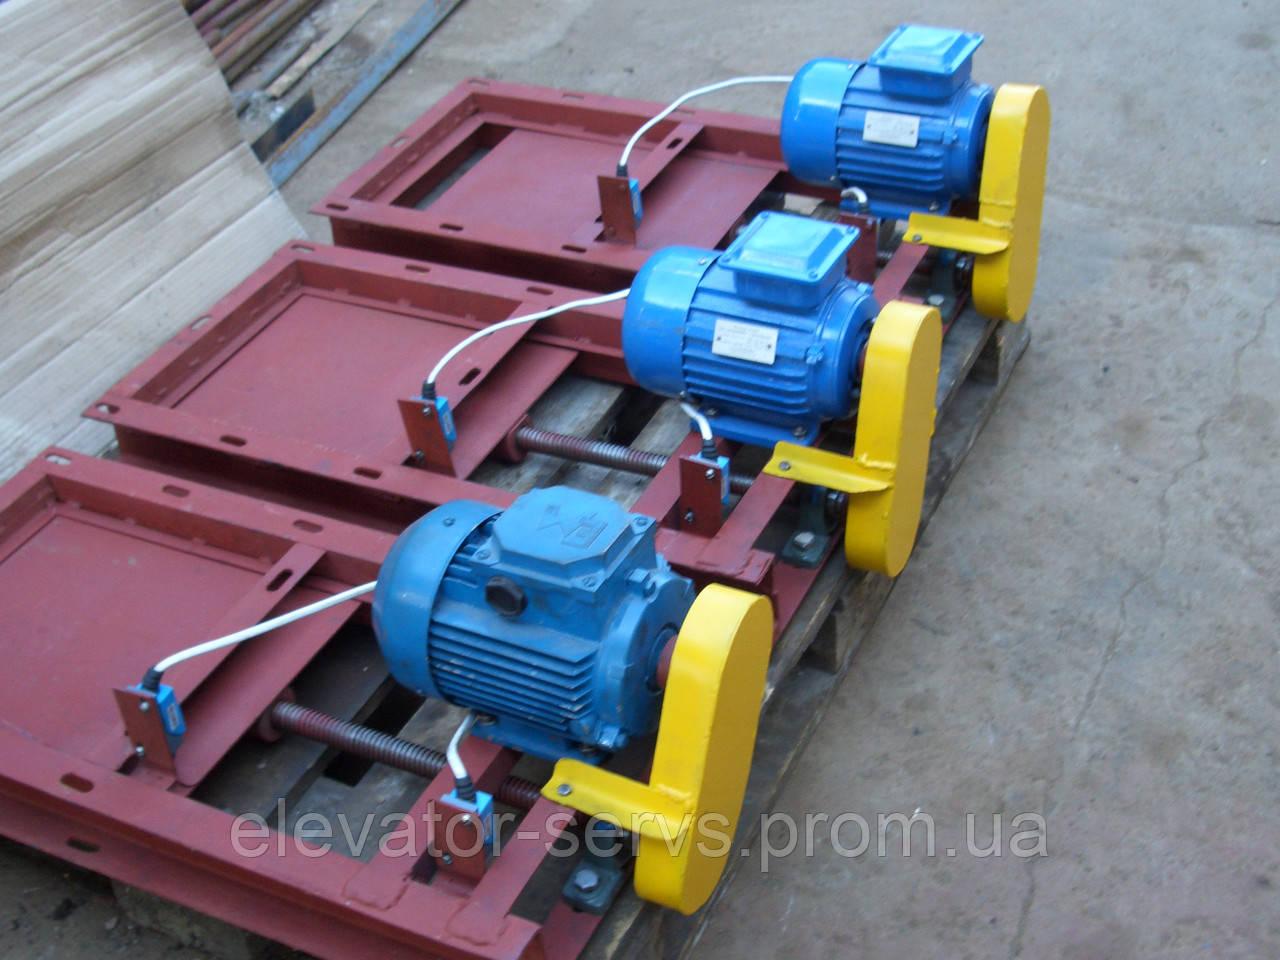 Элеватор с ручным приводом фольксваген транспортер от дилера